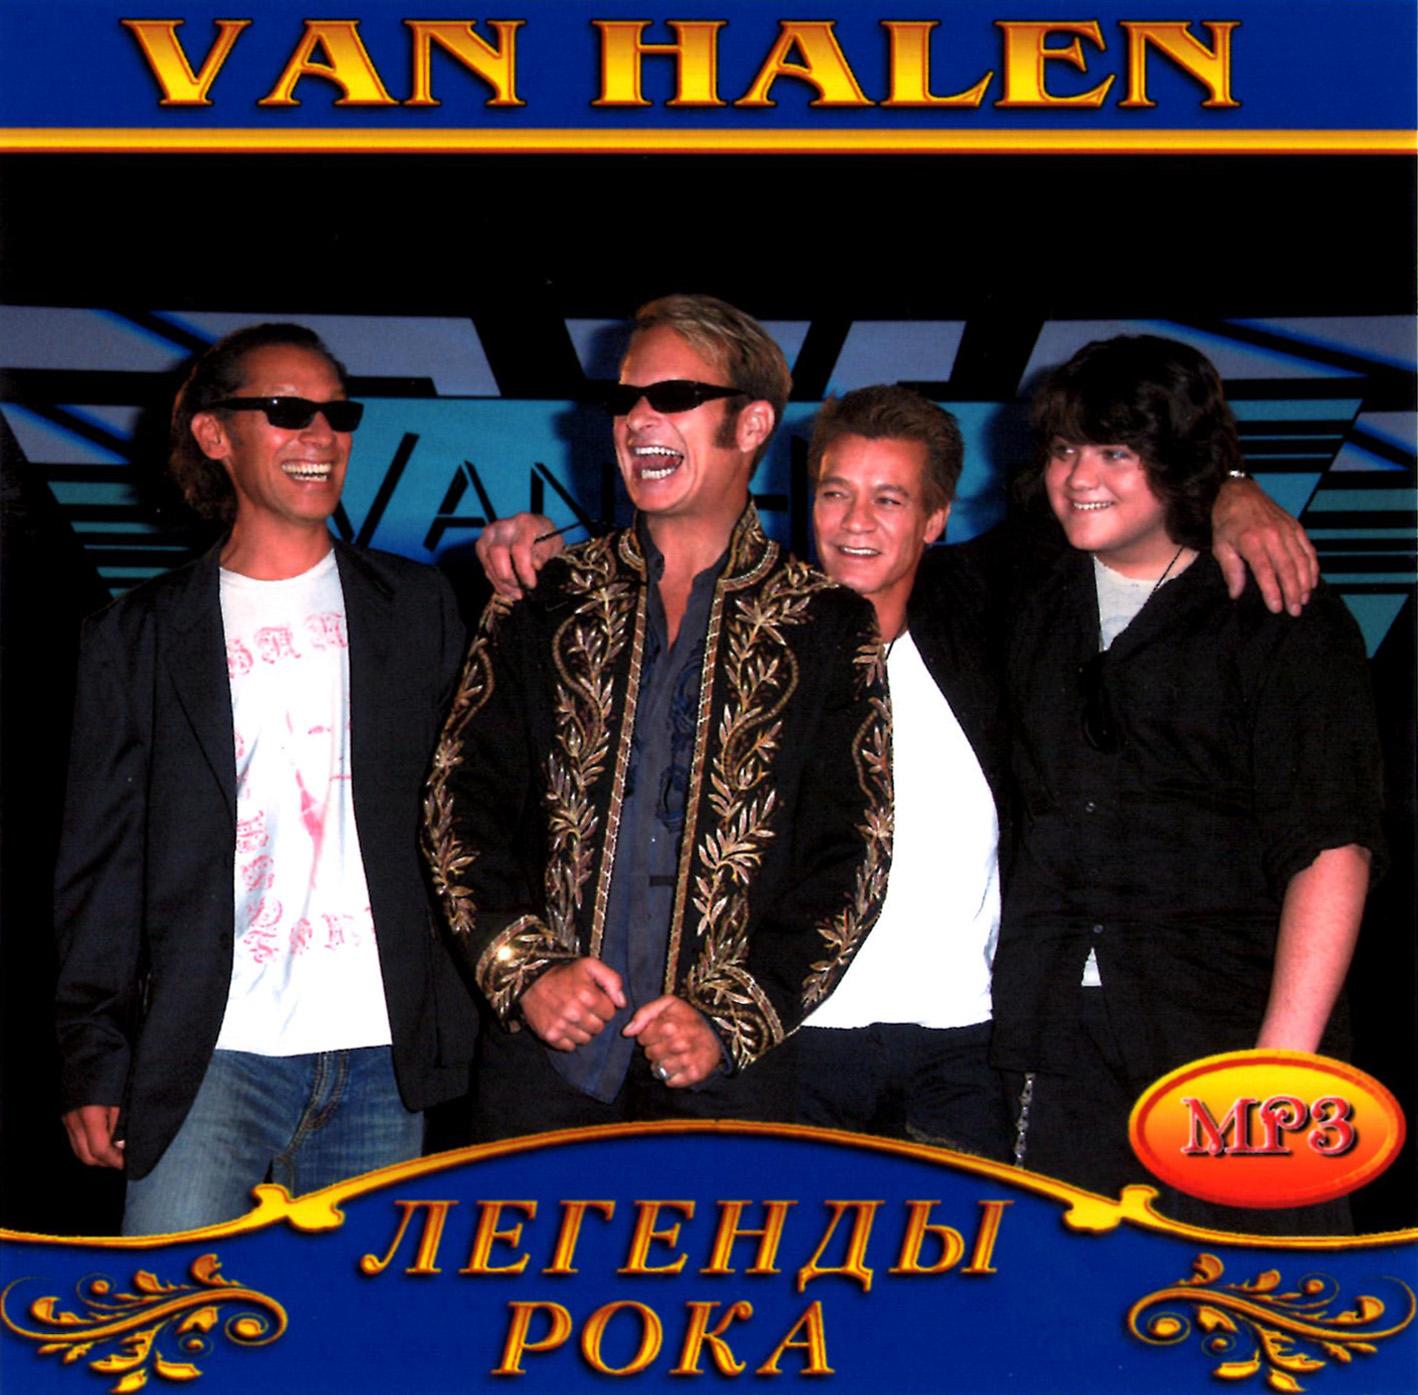 Van Halen [mp3]